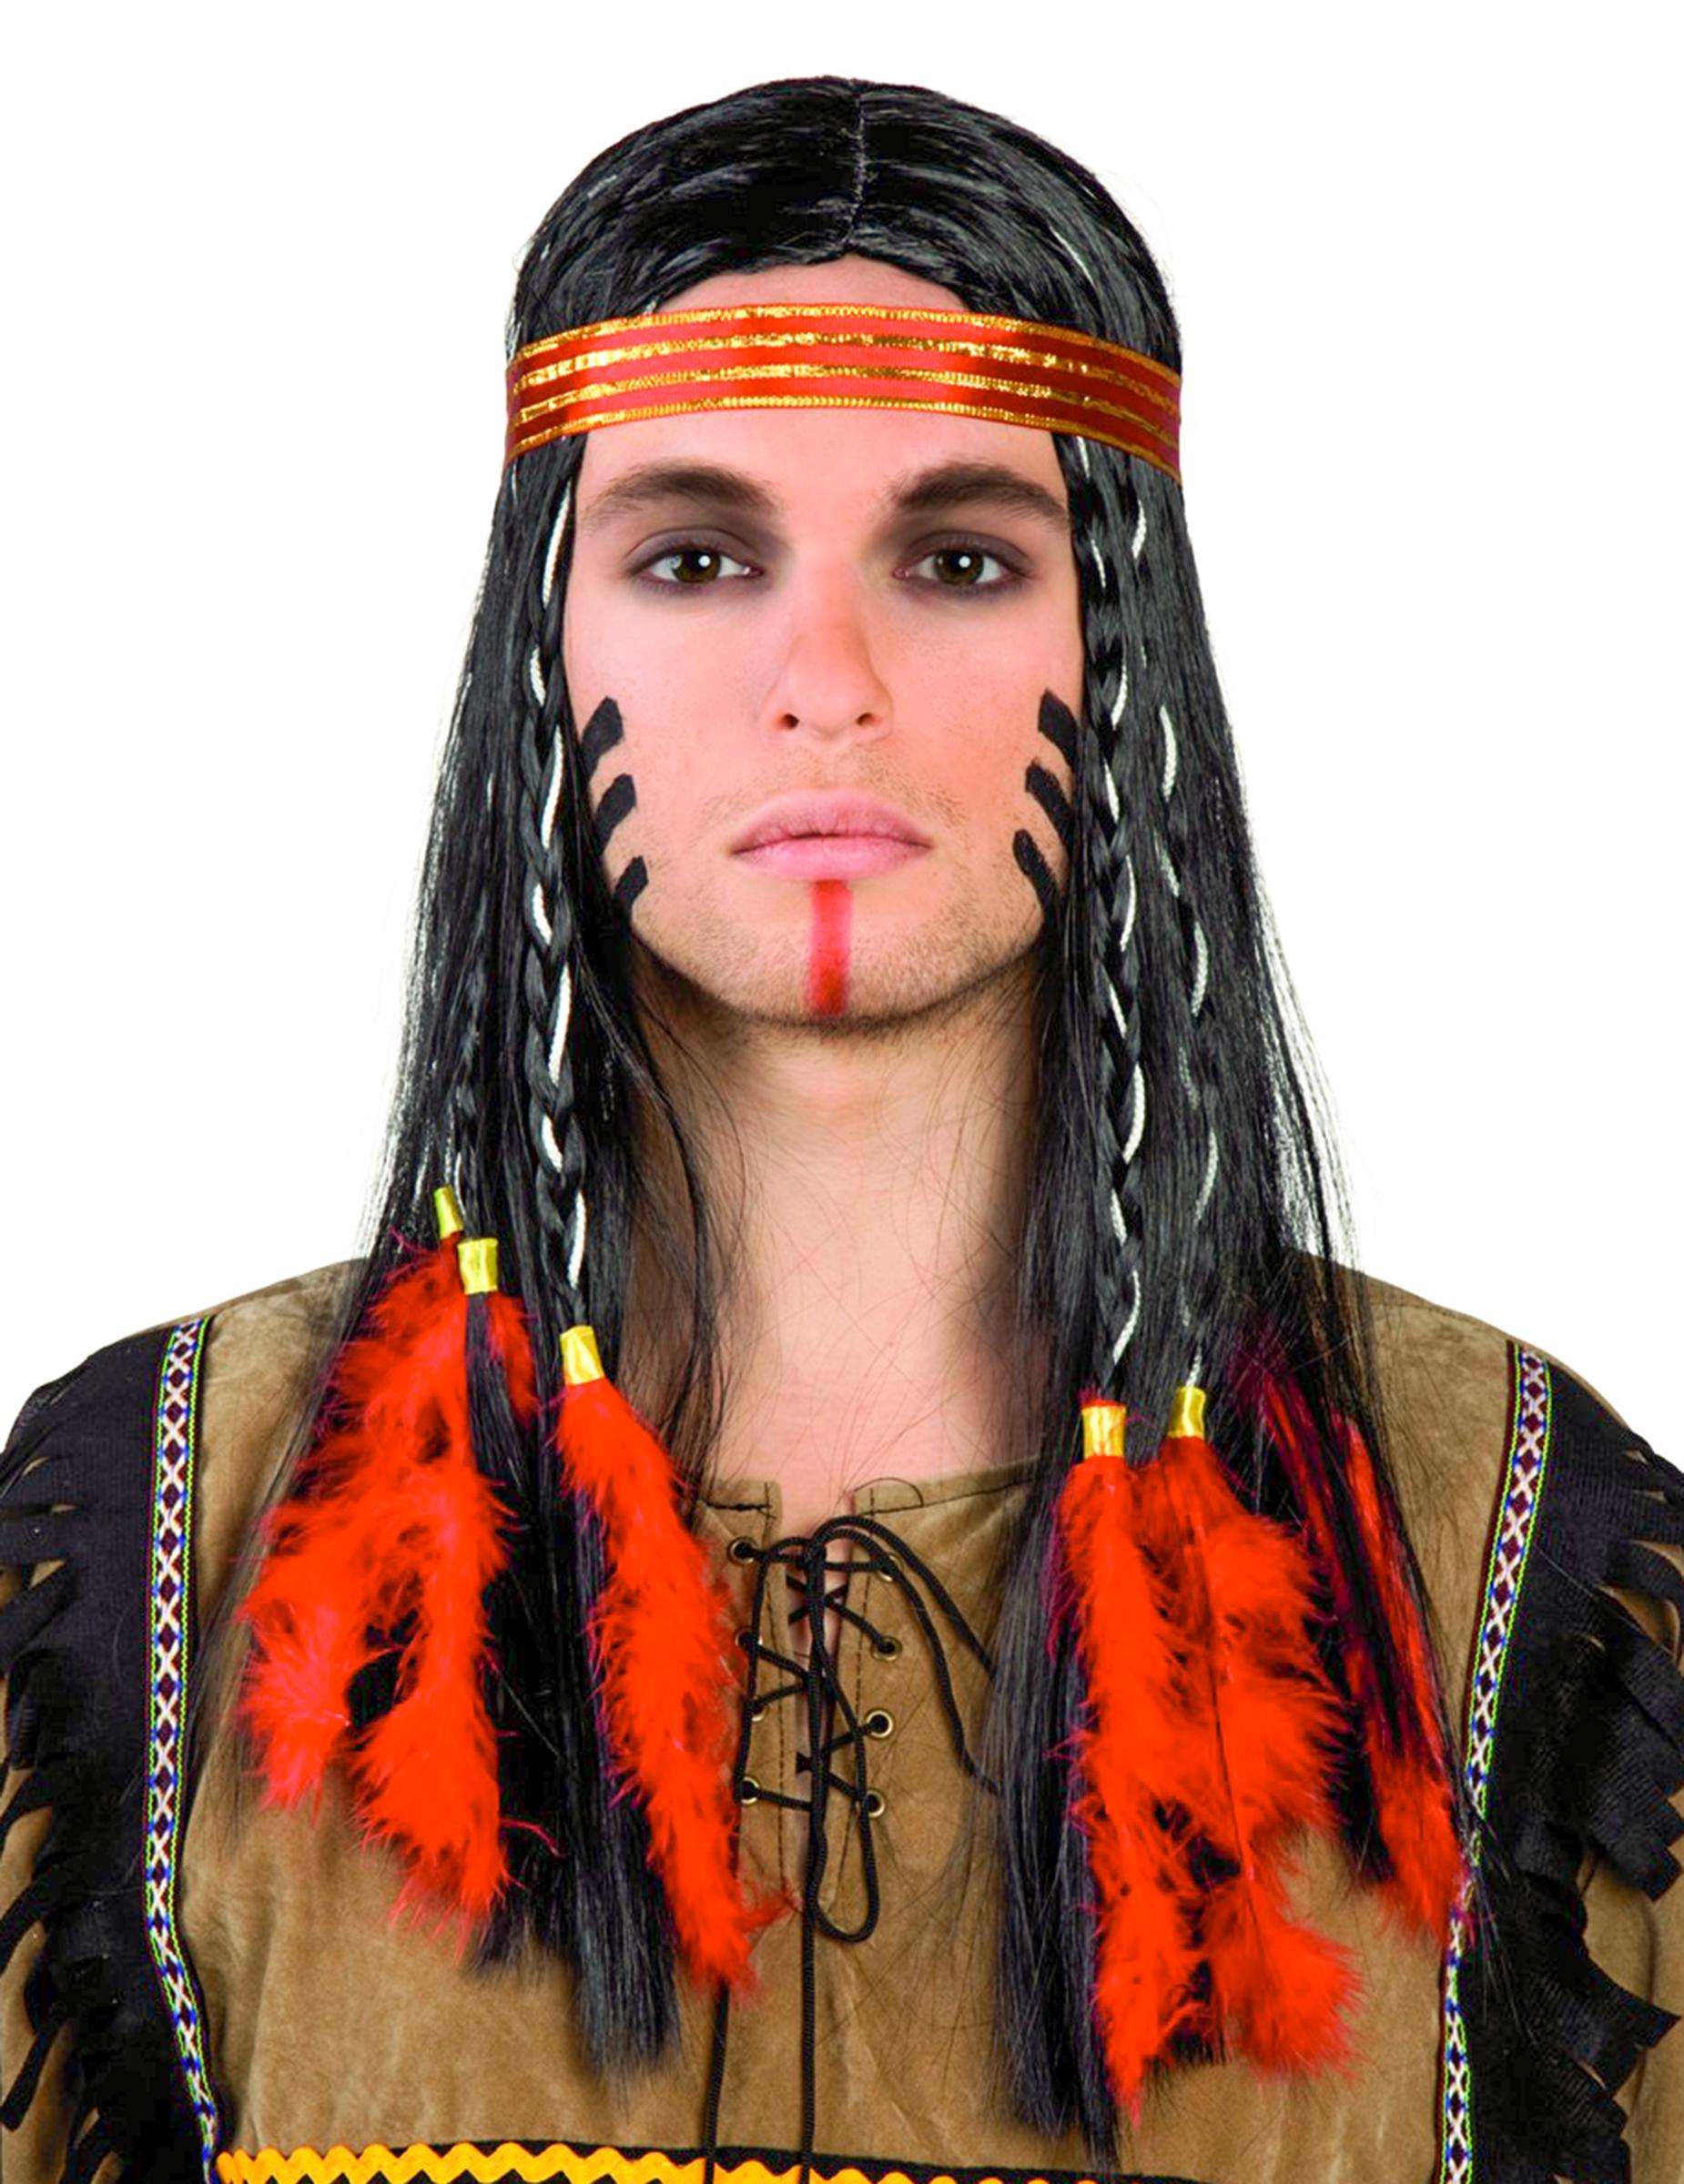 Perruque indien avec plumes rouges homme achat de perruques sur vegaoopro grossiste en - Maquillage indien homme ...